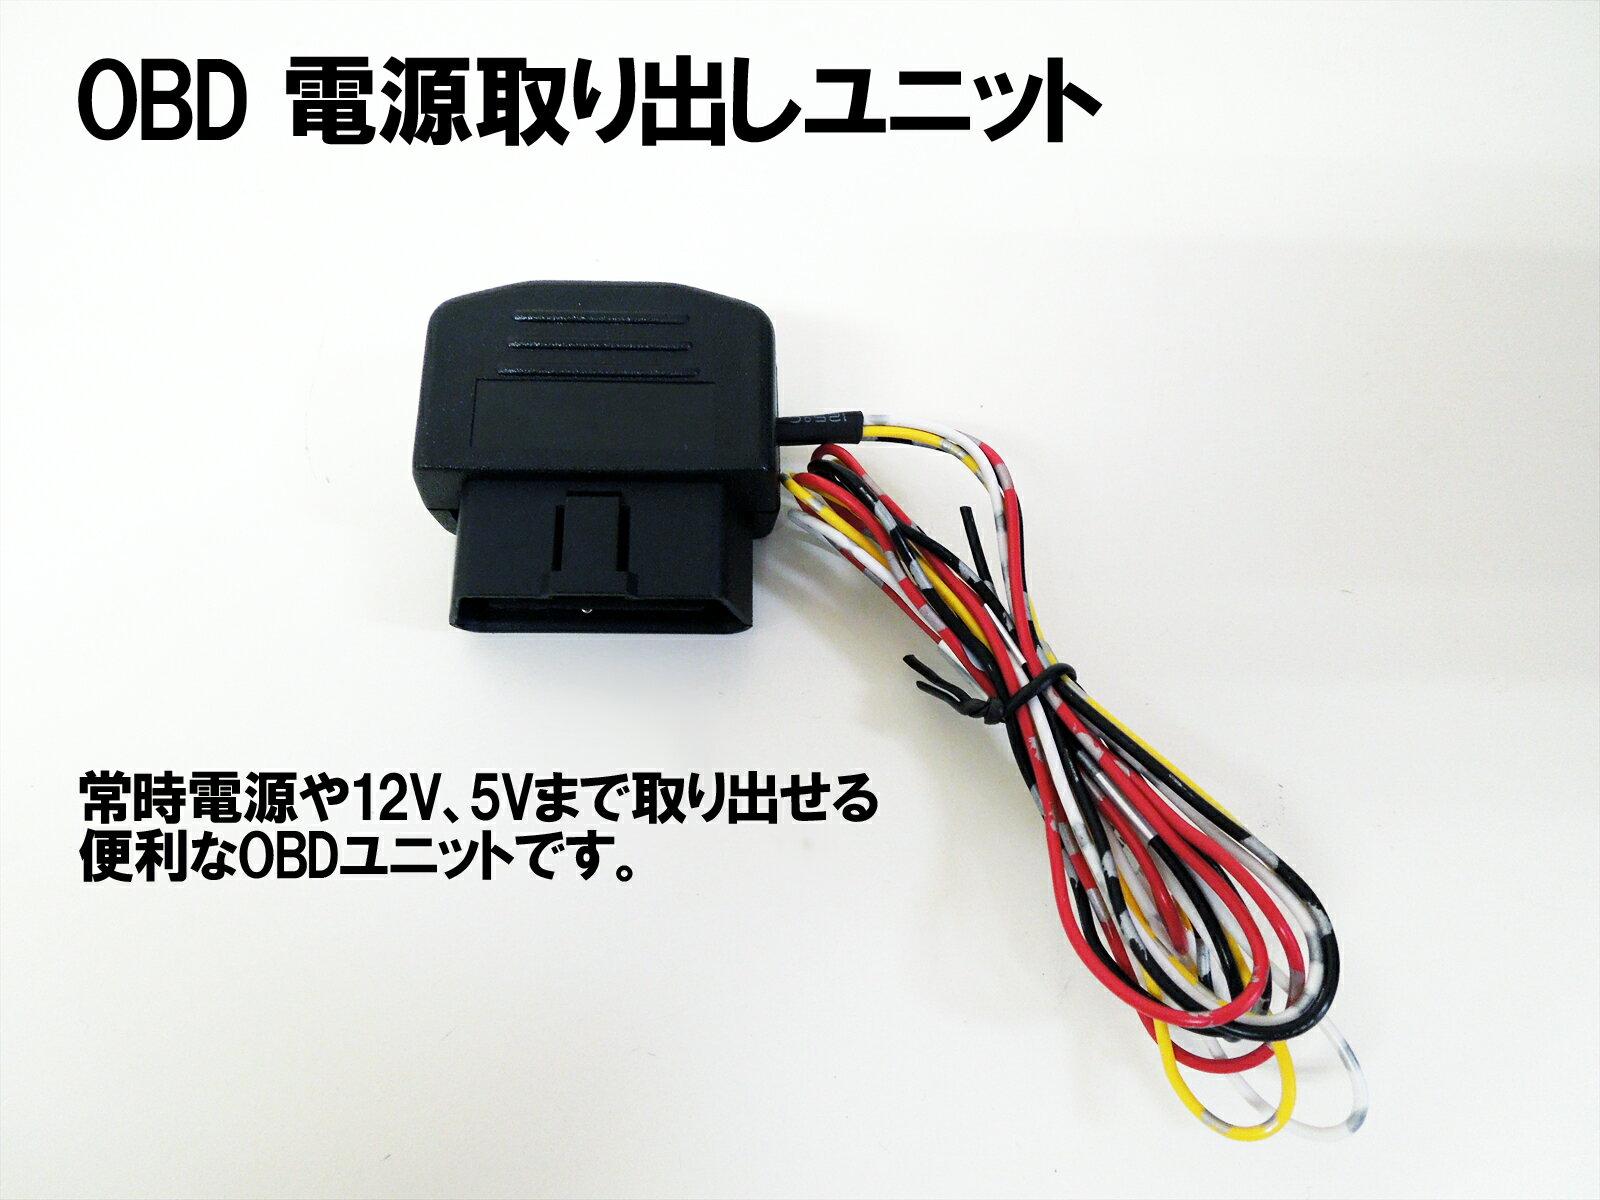 OBD2 電源取り出しユニットOBD2 OBD コネクター 車速ドアロック レーダー探知機 送料無料 OBD ハーネス